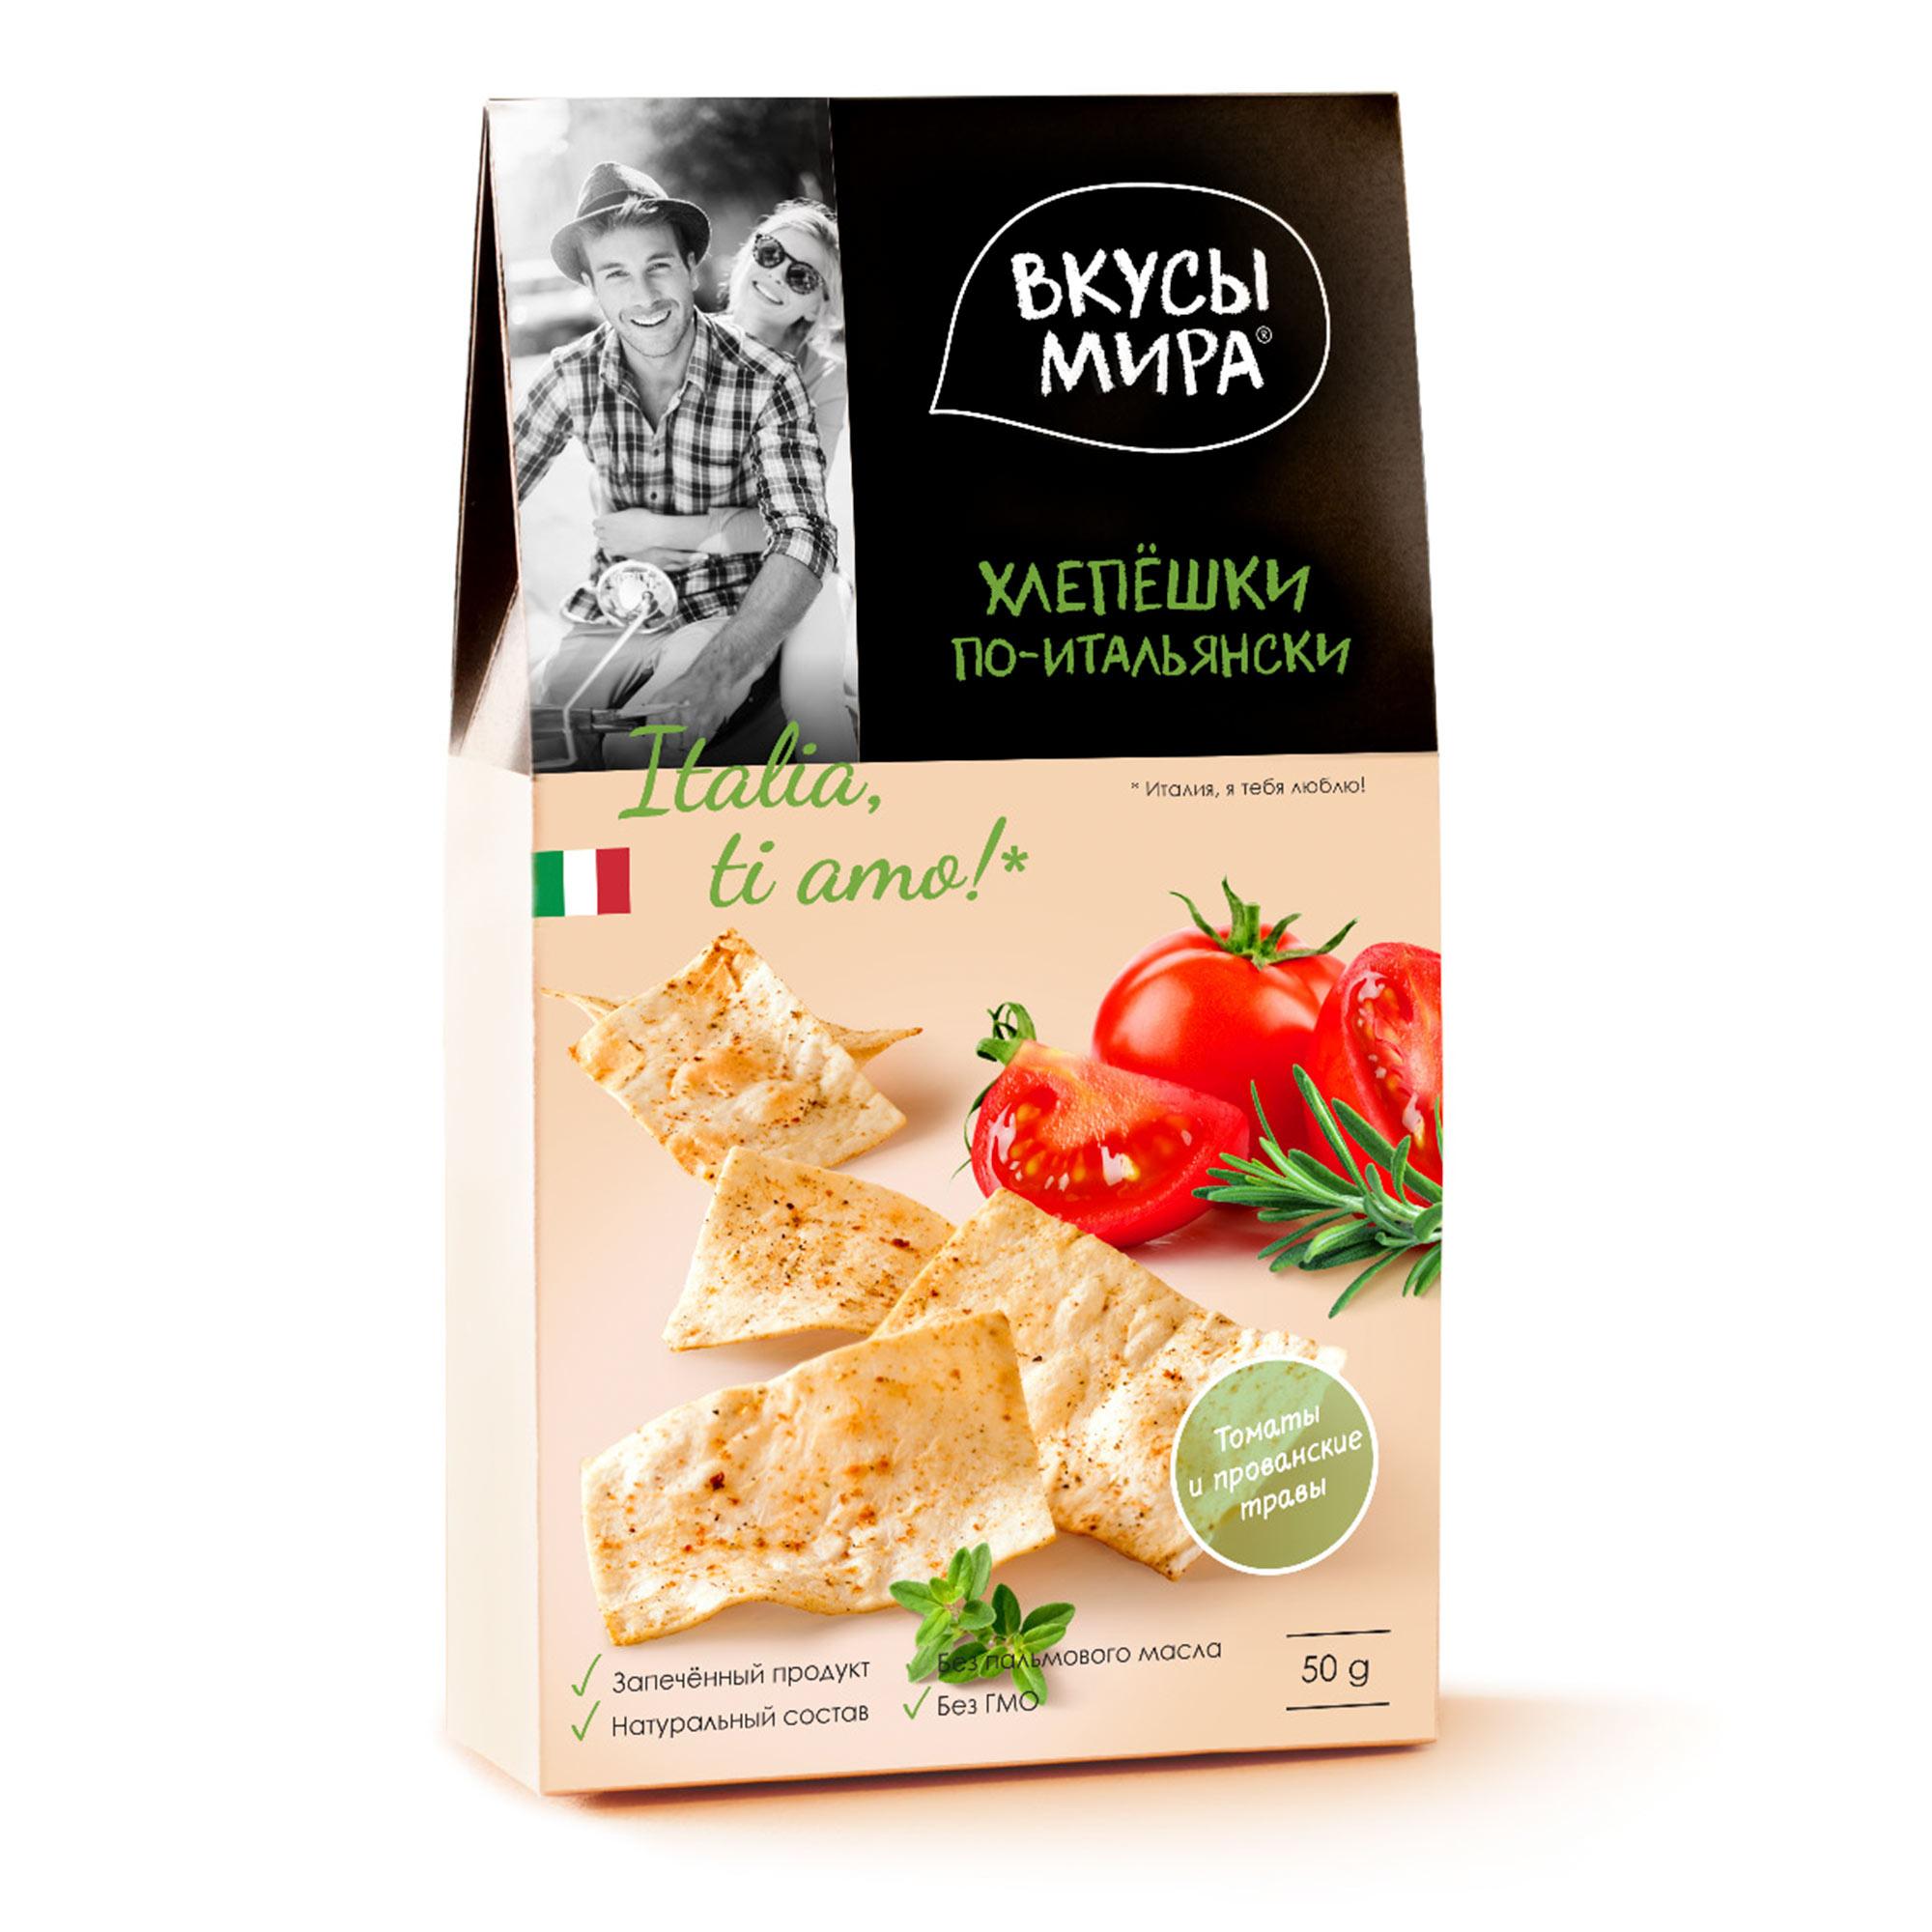 Фото - Хлепёшки Вкусы мира По-итальянски 50 г туррон вкусы мира фундук и вишня 50 г